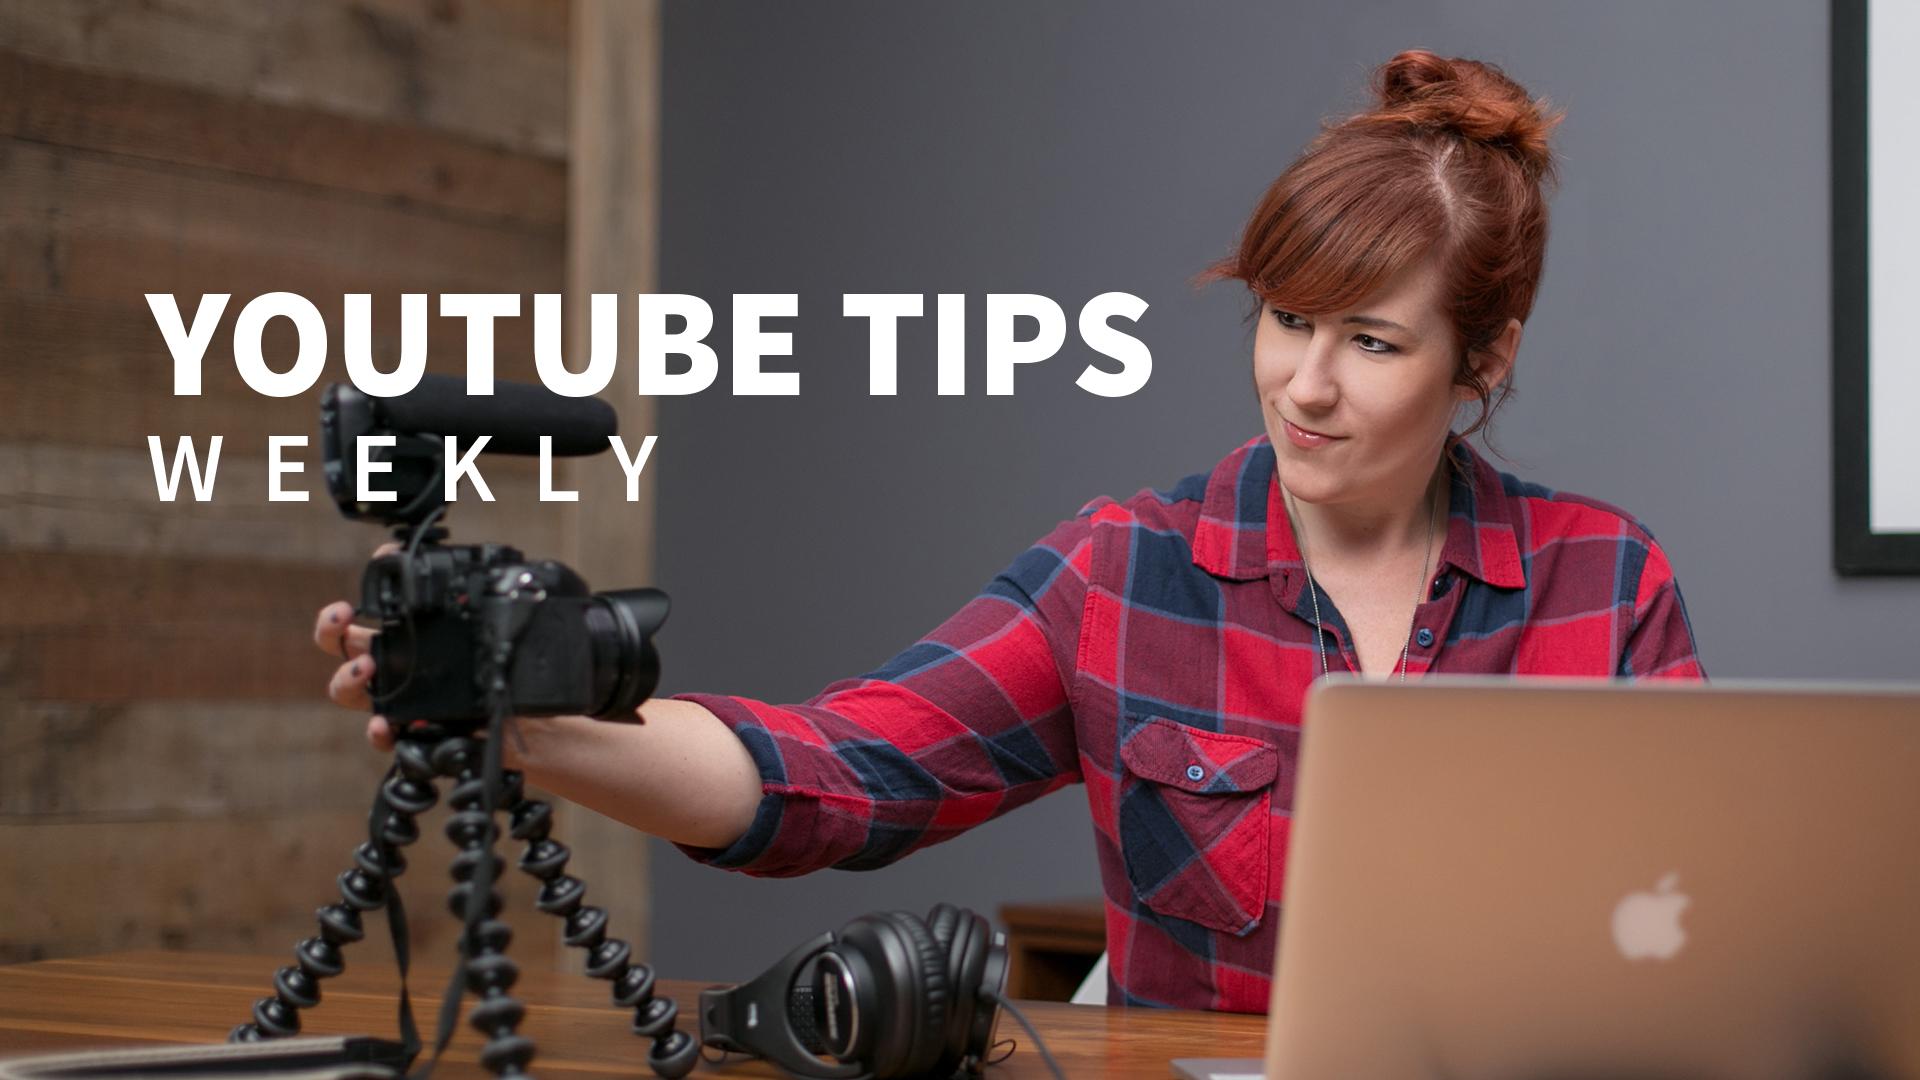 YouTube Tips Weekly